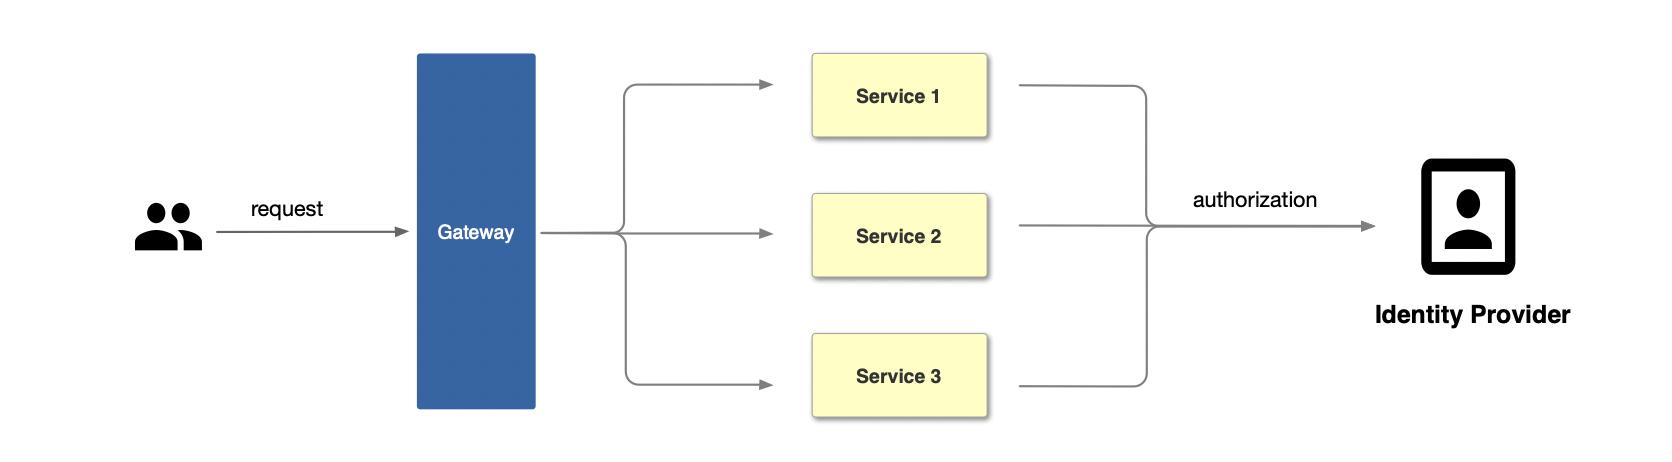 传统认证模式流程图